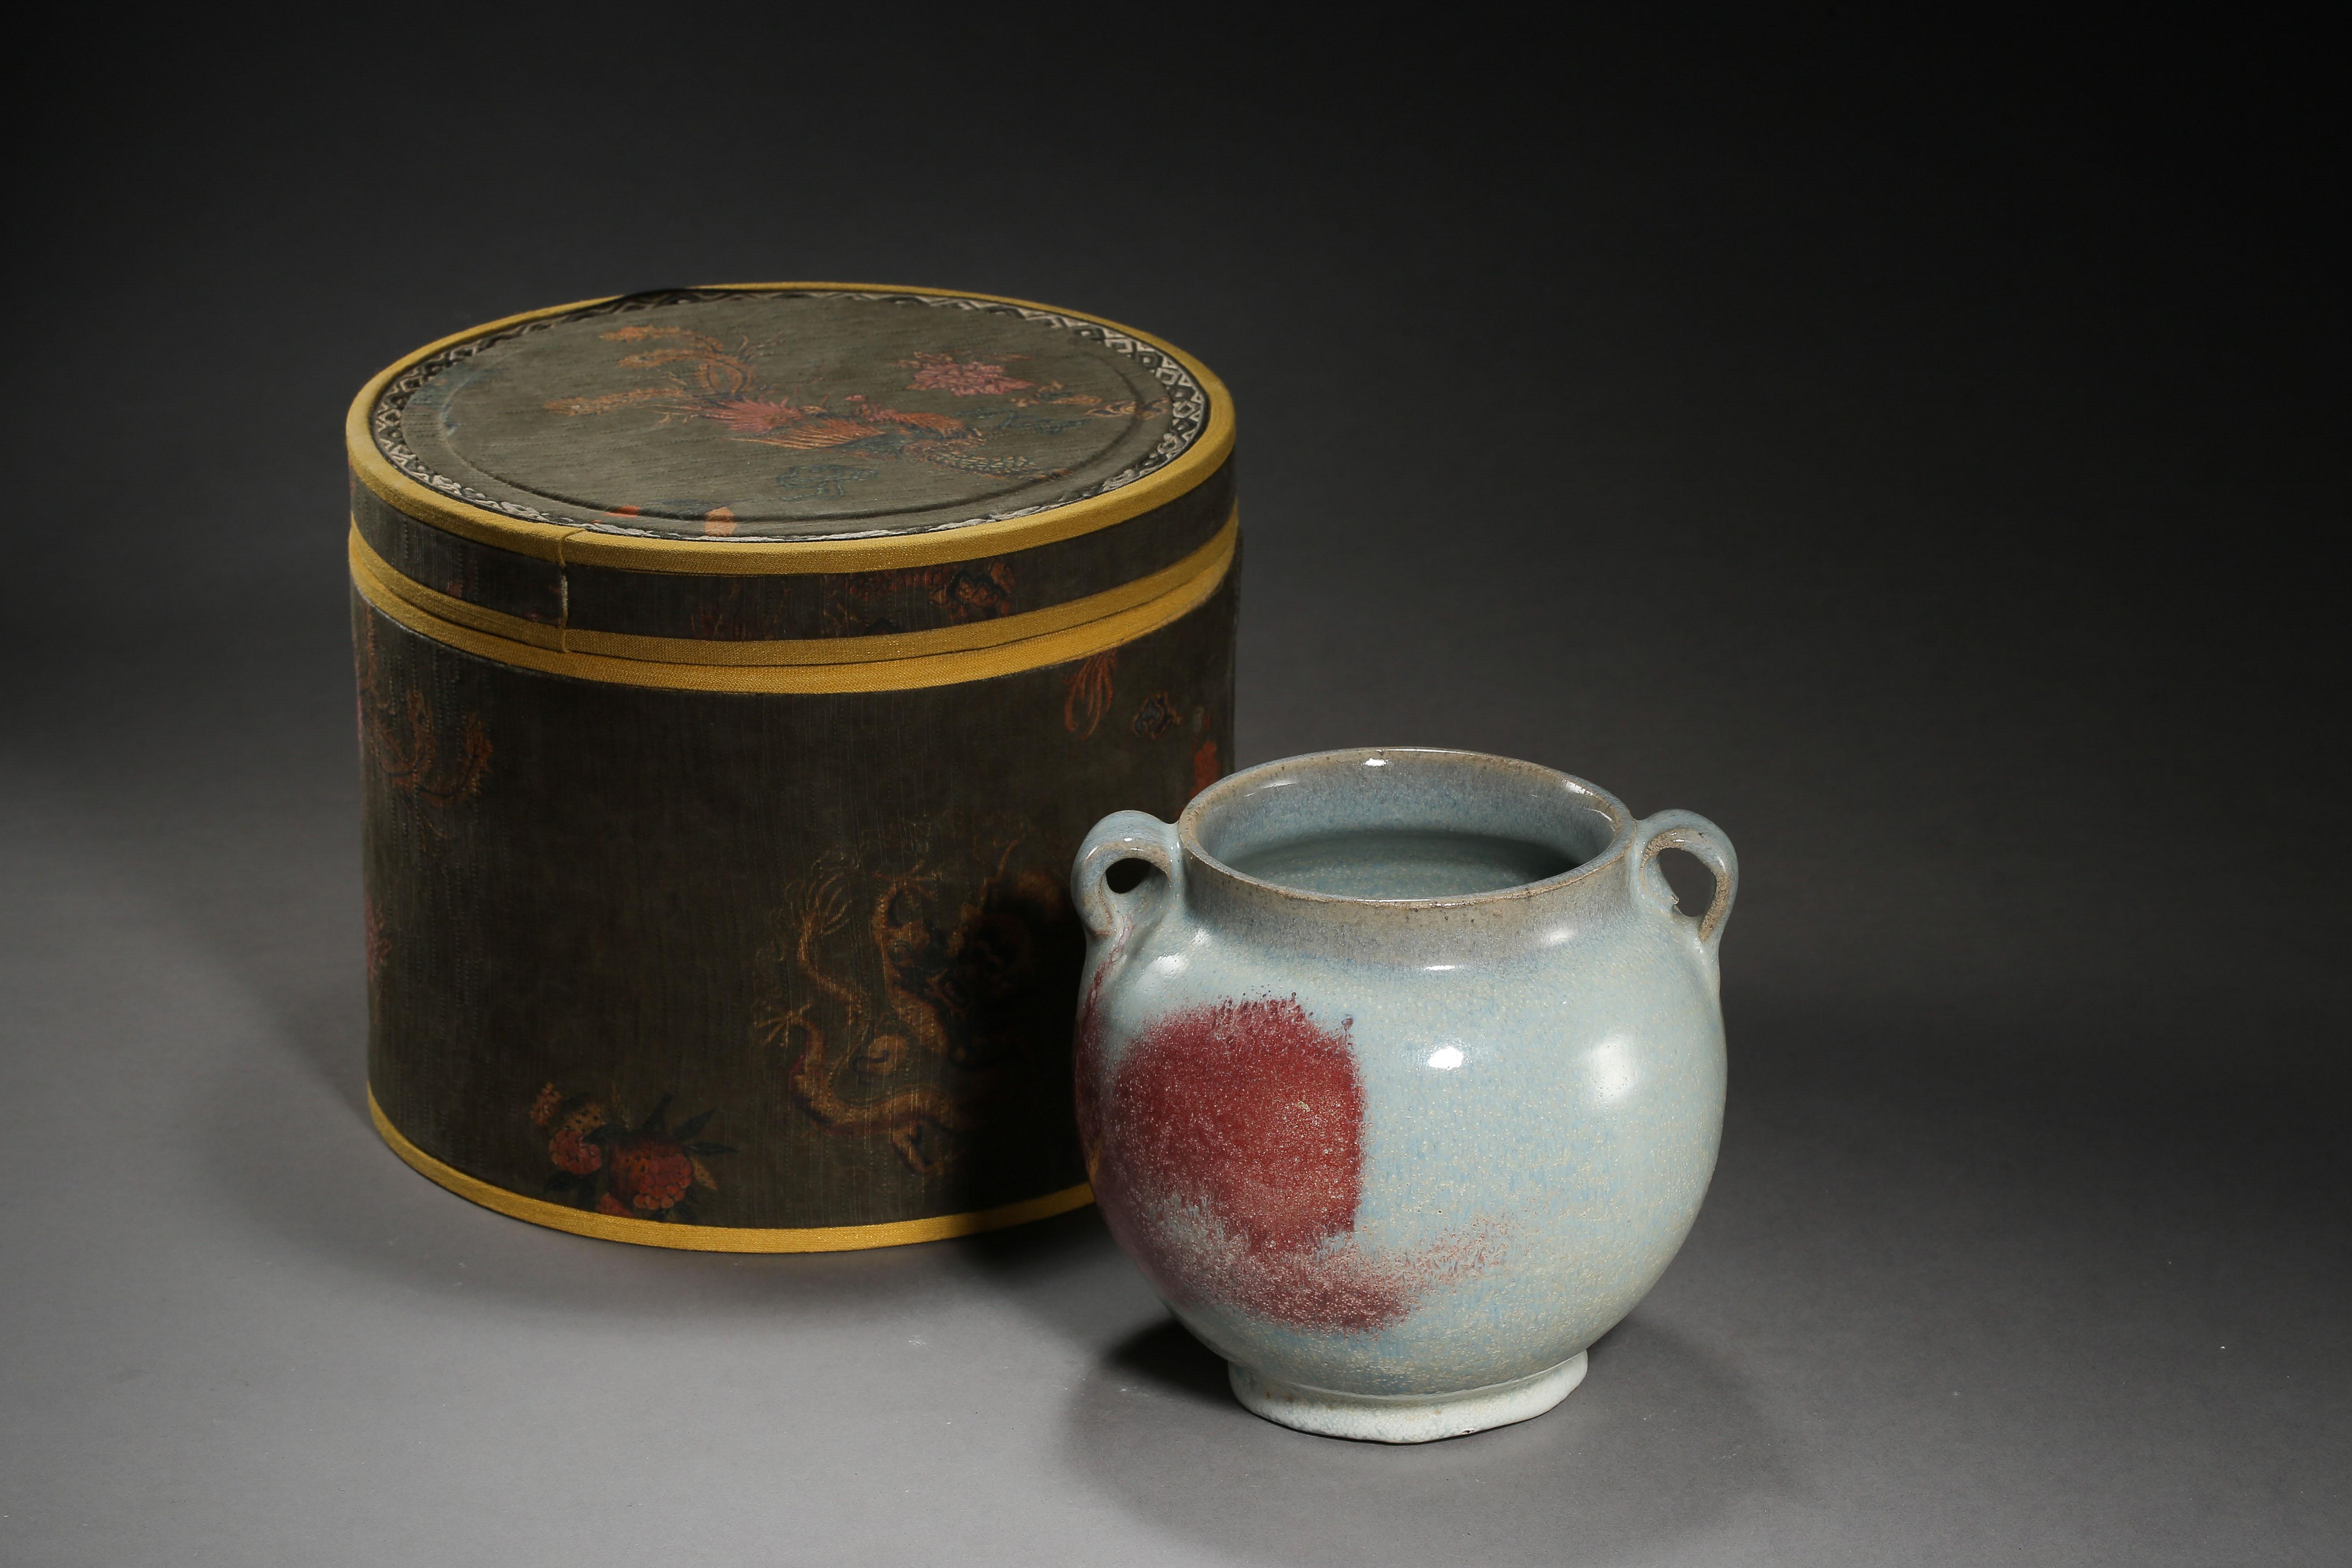 JUN KILN DOUBLE HANDLE JAR, YUAN DYNASTY, CHINA - Image 4 of 10